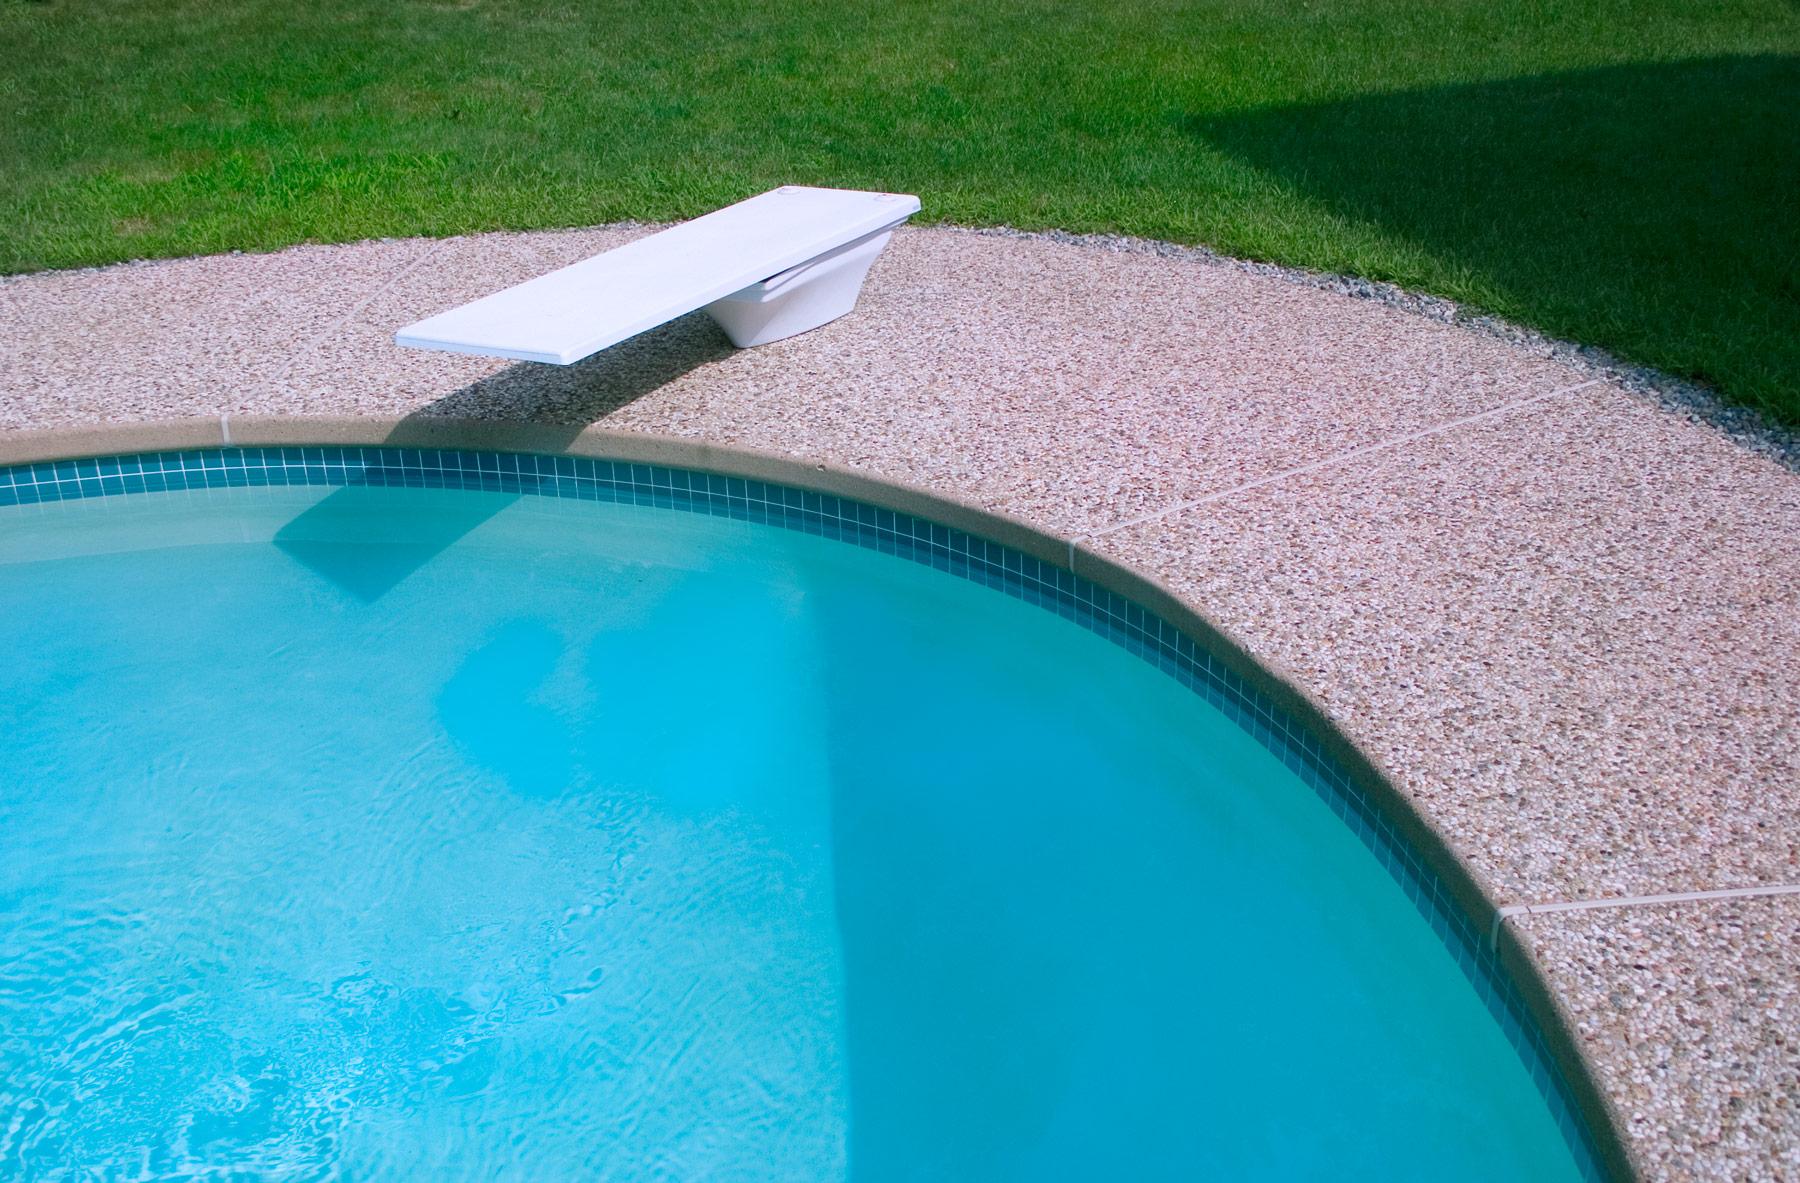 poolboard.jpg